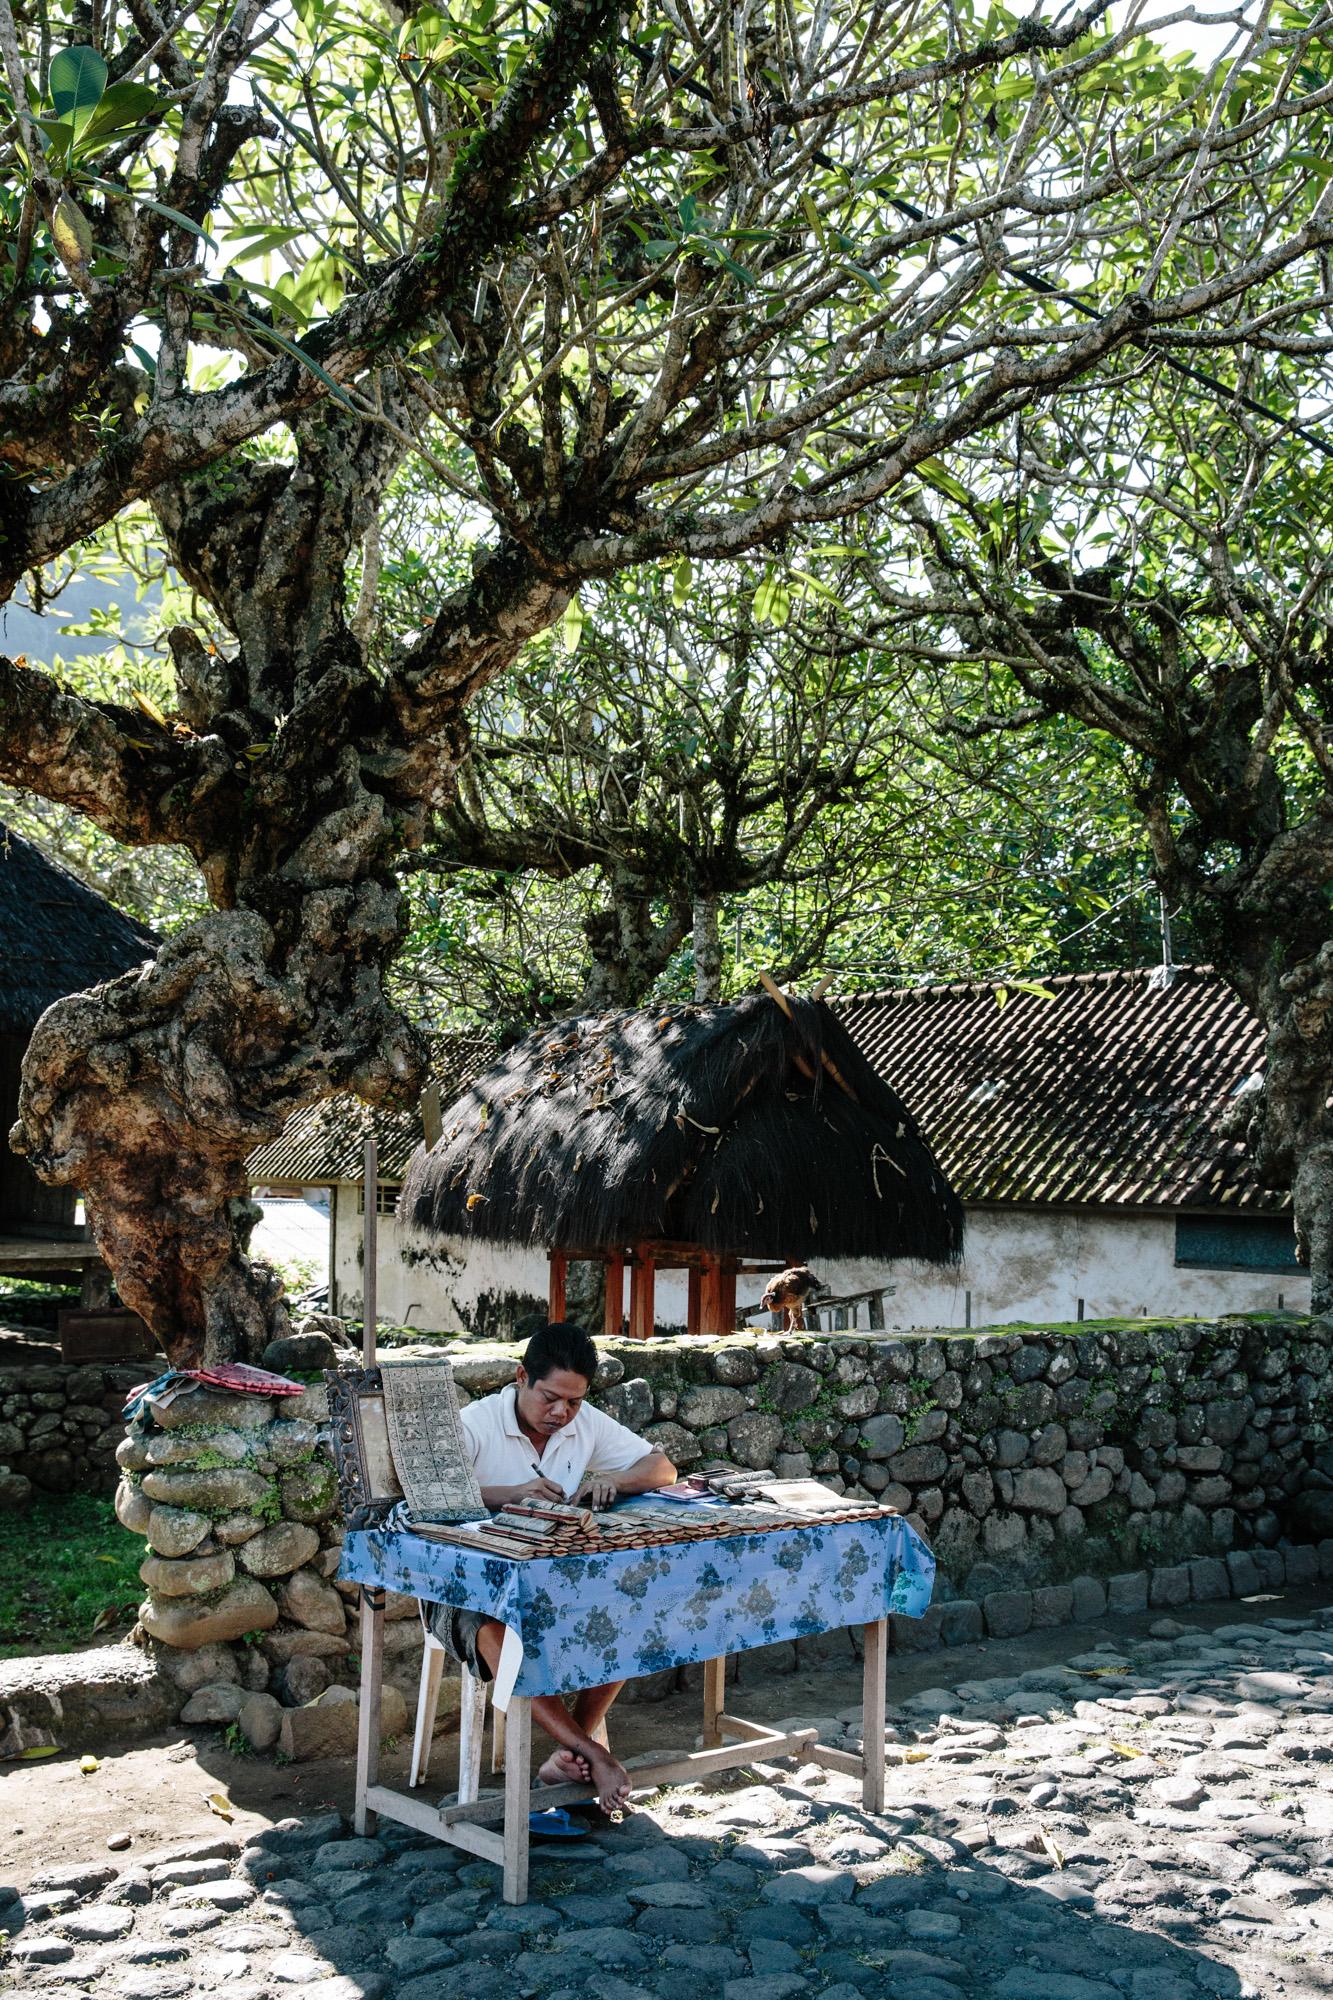 AGP_Bali_025.jpg